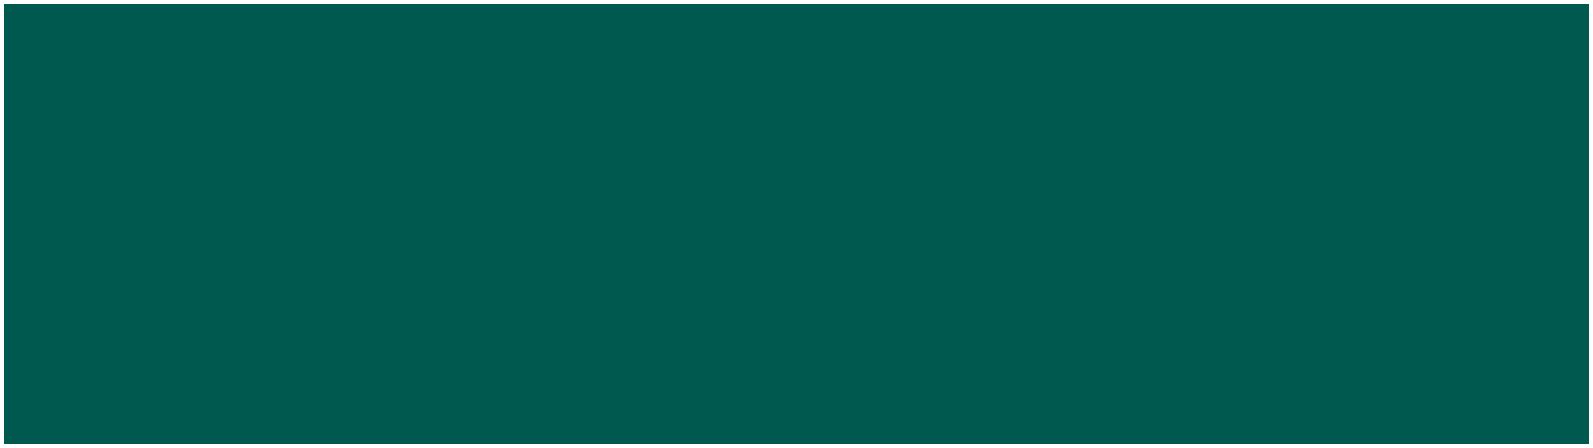 Makka Solicitors Ltd